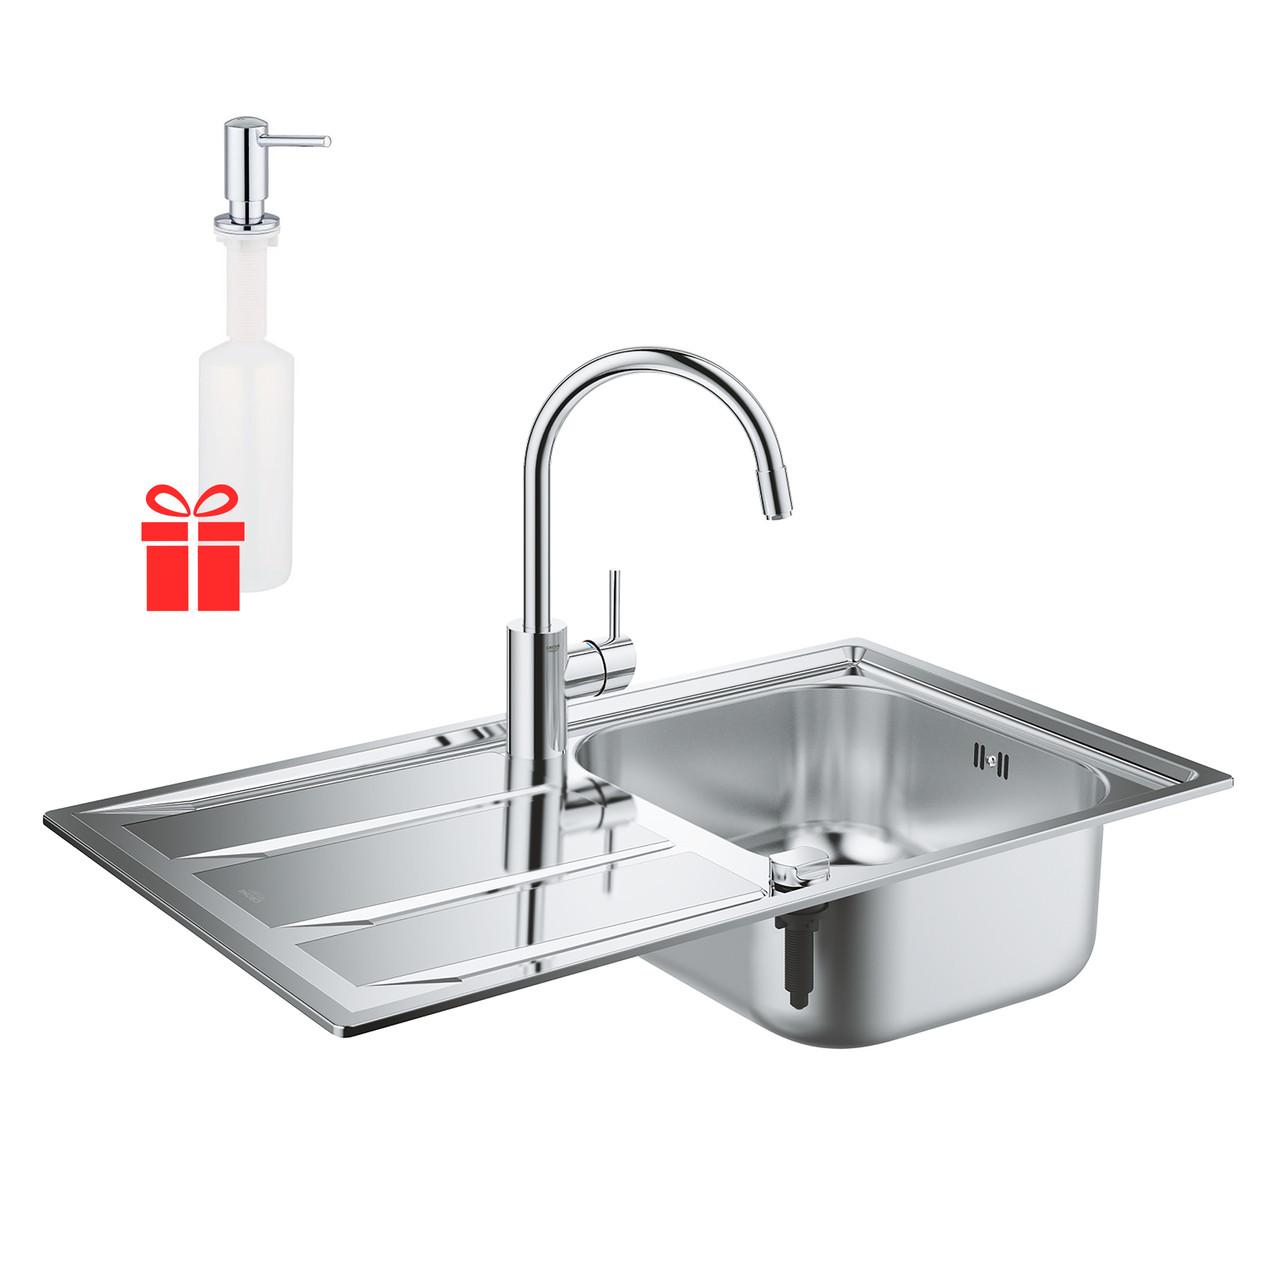 Набор Grohe мойка кухонная K400 31570SD0 + смеситель Concetto 32663001 + дозатор для моющего средства